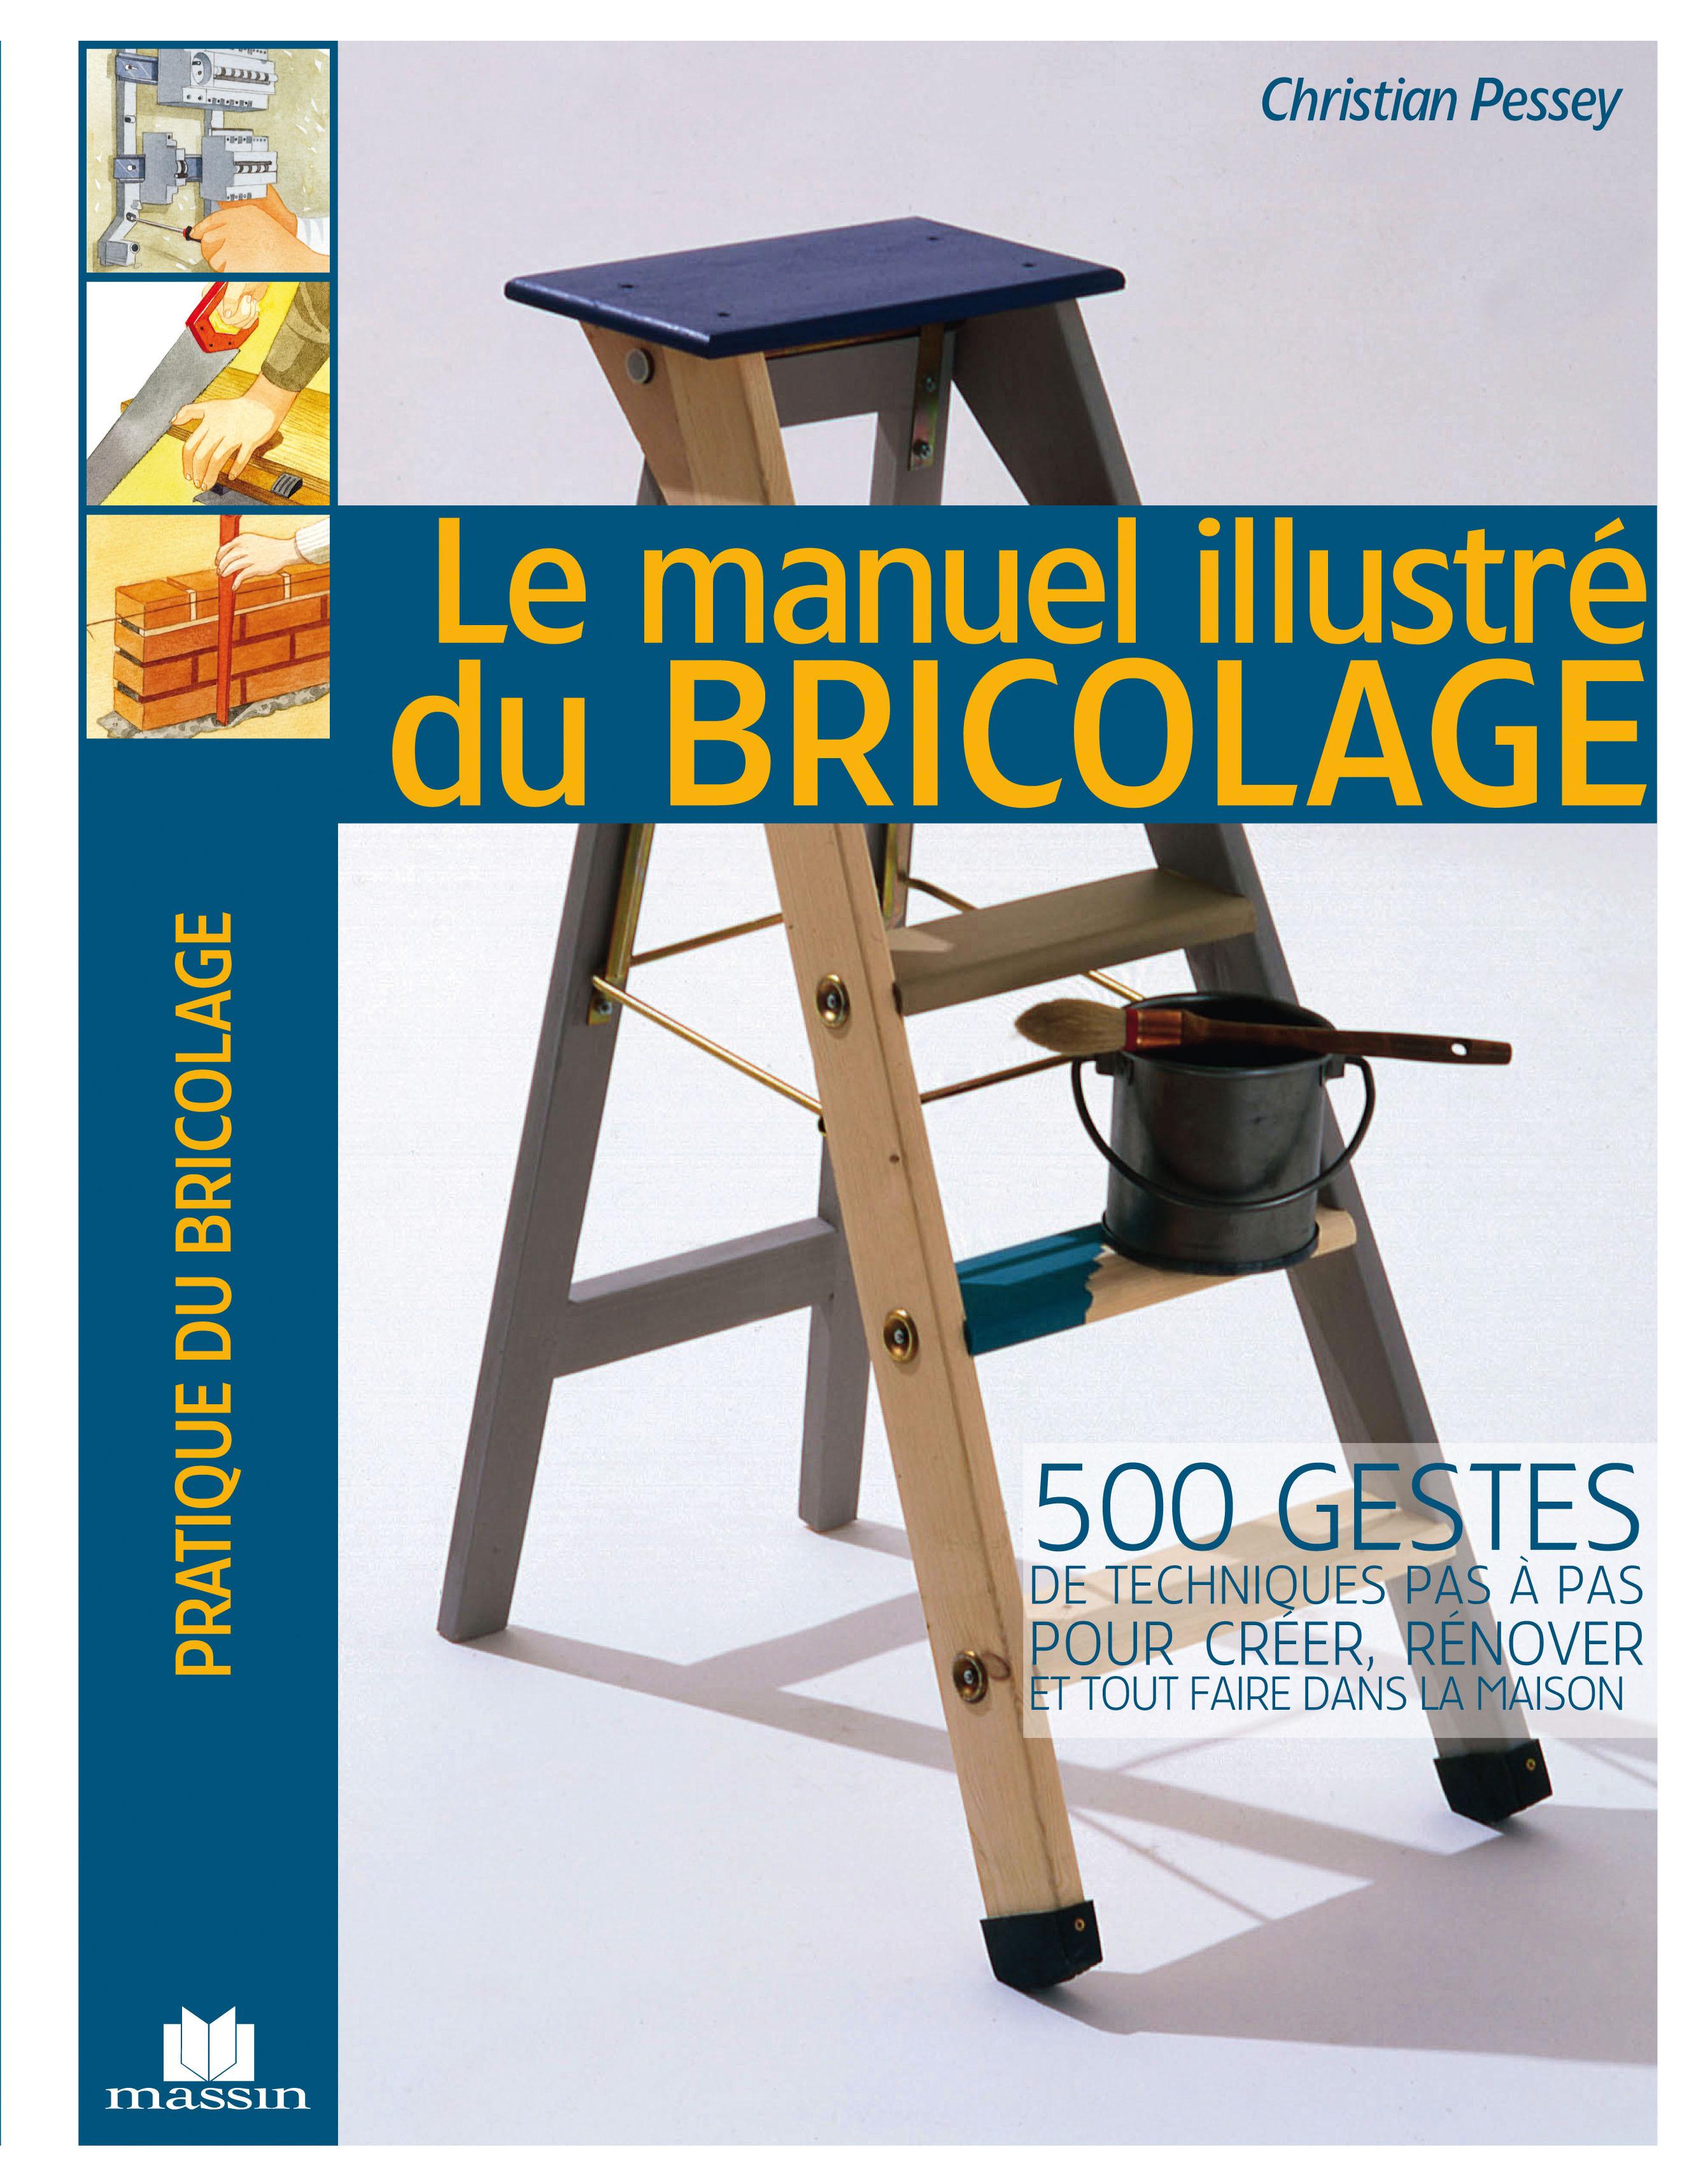 Christian Pessey Le manuel illustré du bricolage ; 500 gestes de techniques pas à pas pour créer, rénover et tout faire dans la maison